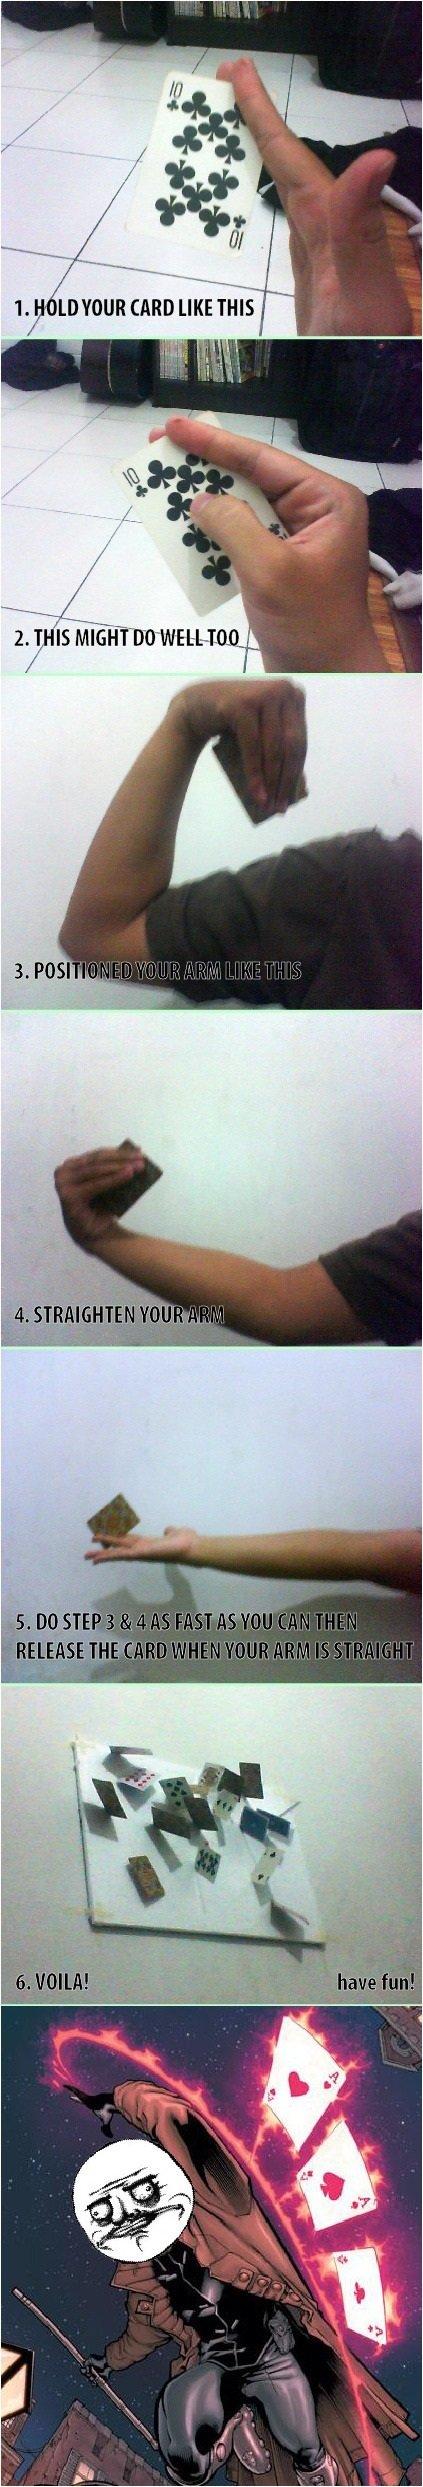 Card trick. . Ill q MR I is Hui:. Noob Card trick Ill q MR I is Hui: Noob